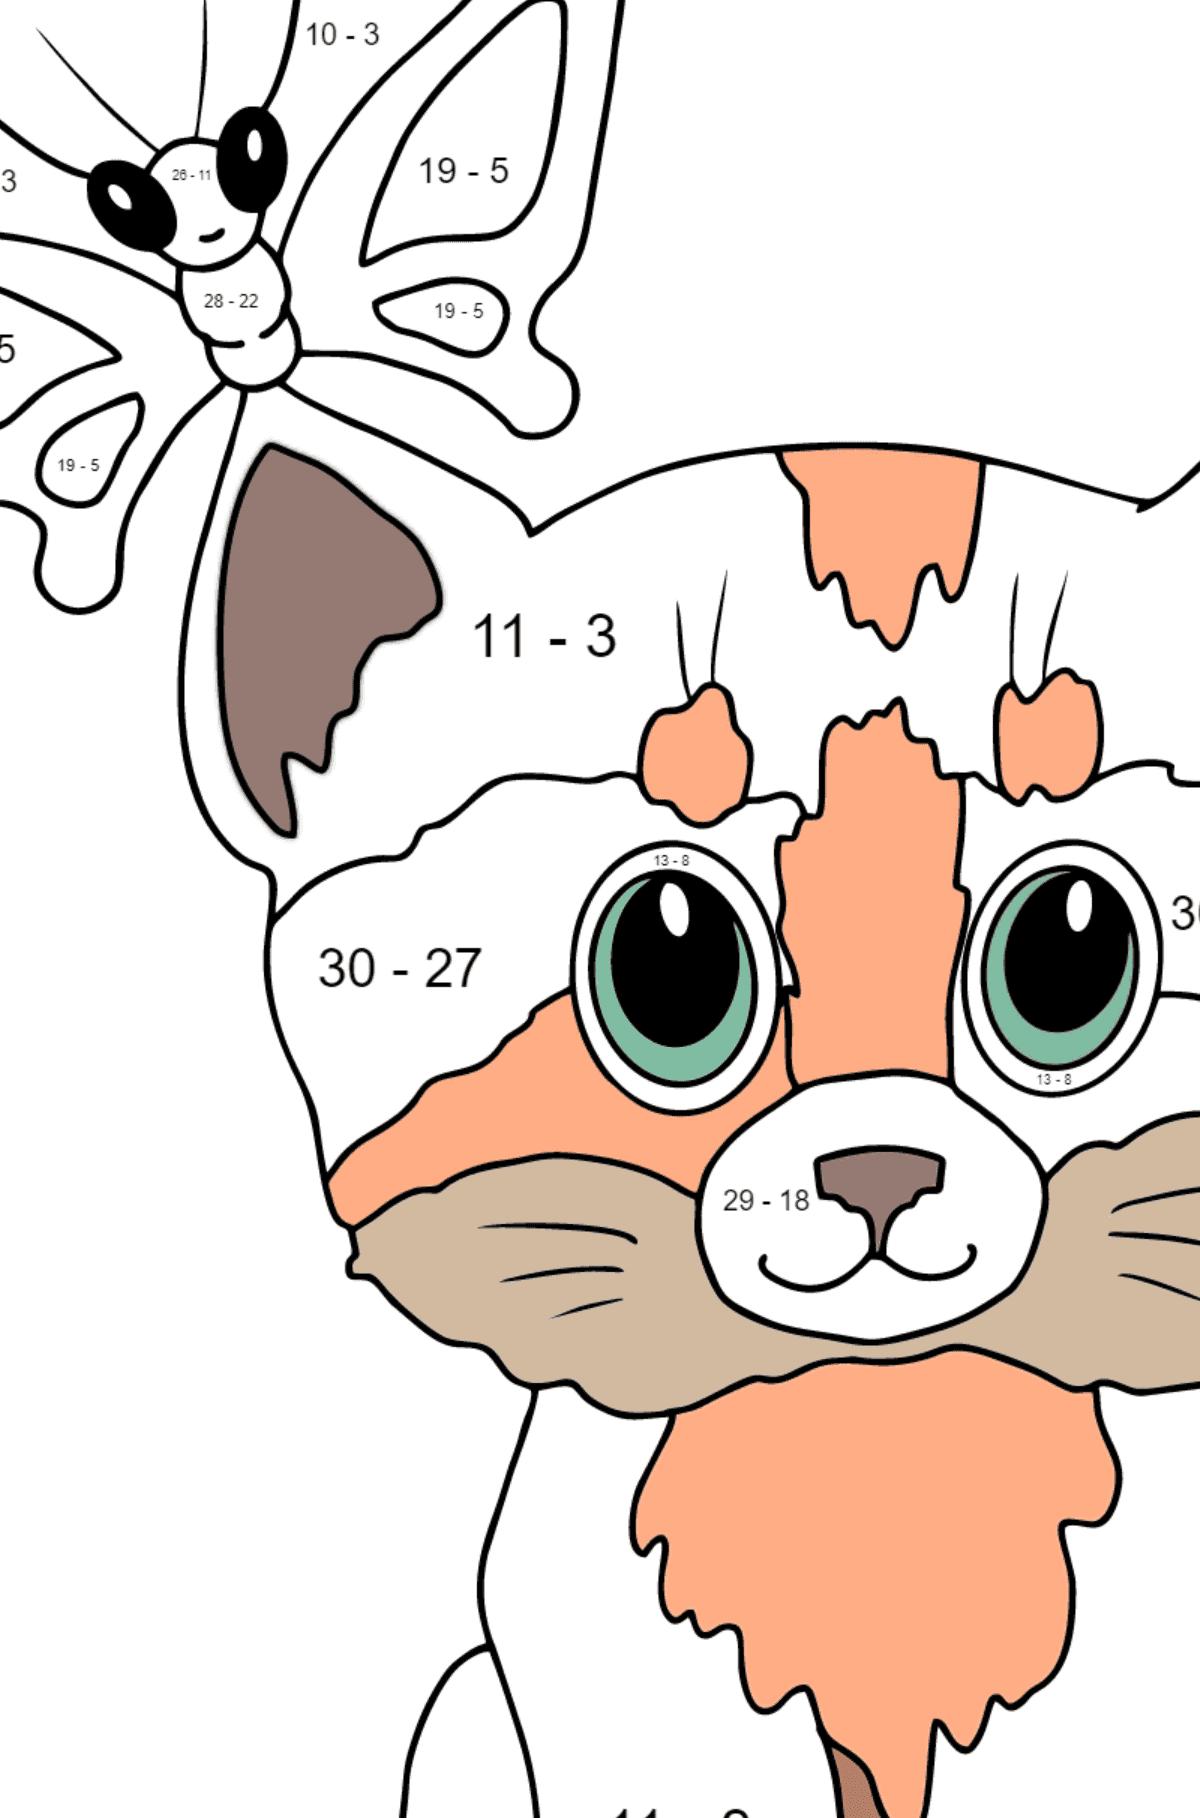 Раскраска кошка с бабочкой на ухе - Математическая Раскраска - Вычитание для Детей